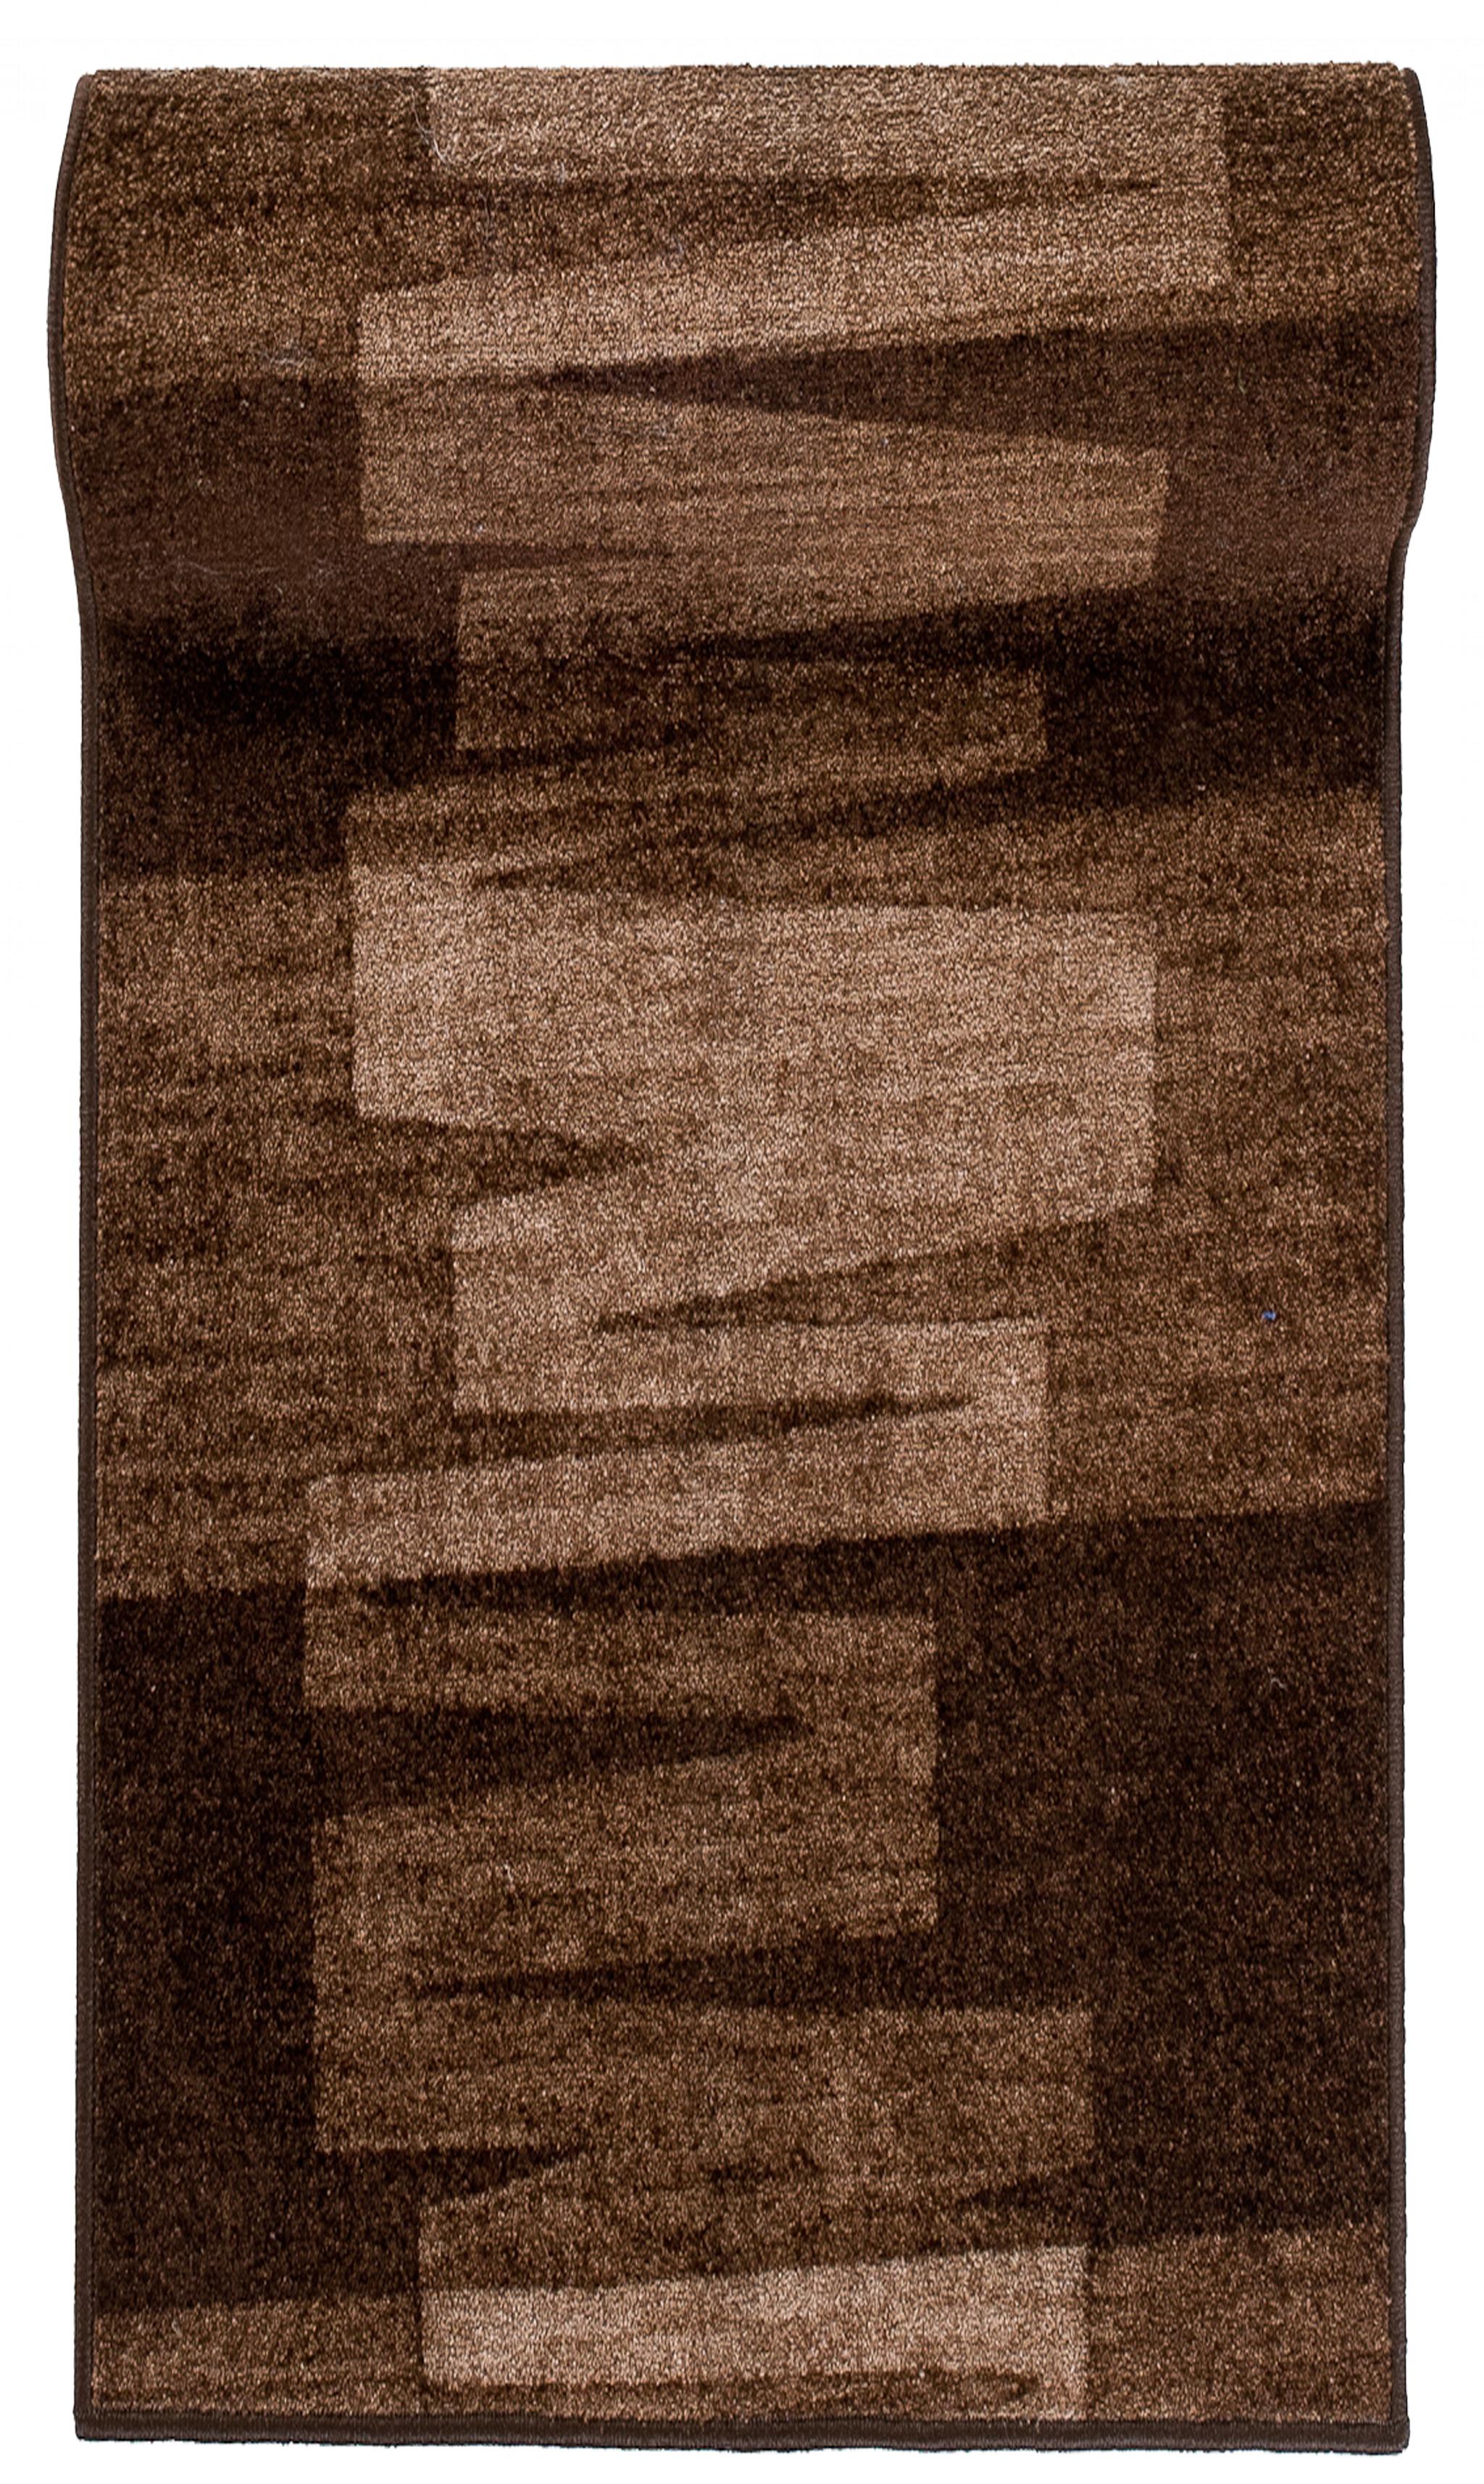 Chodnik nowoczesny 44 VIA VENETO - jasno-brązowy